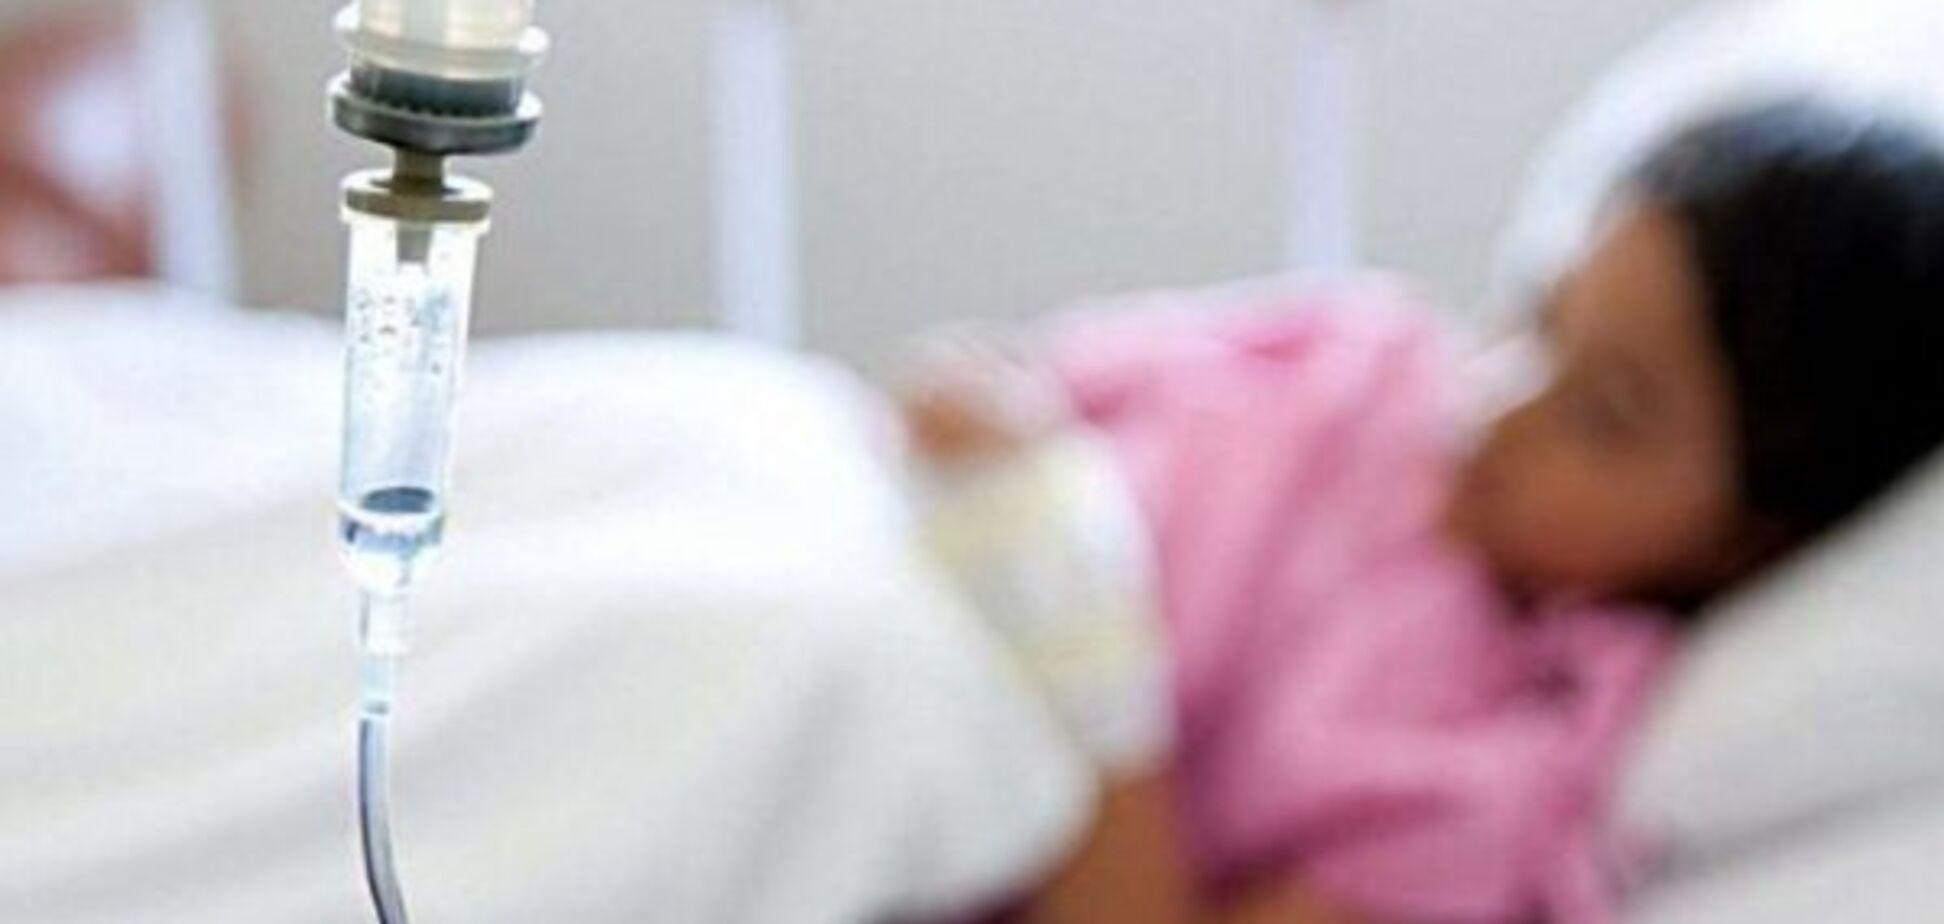 Під Чернівцями трапилося масове отруєння: в лікарні 72 людини